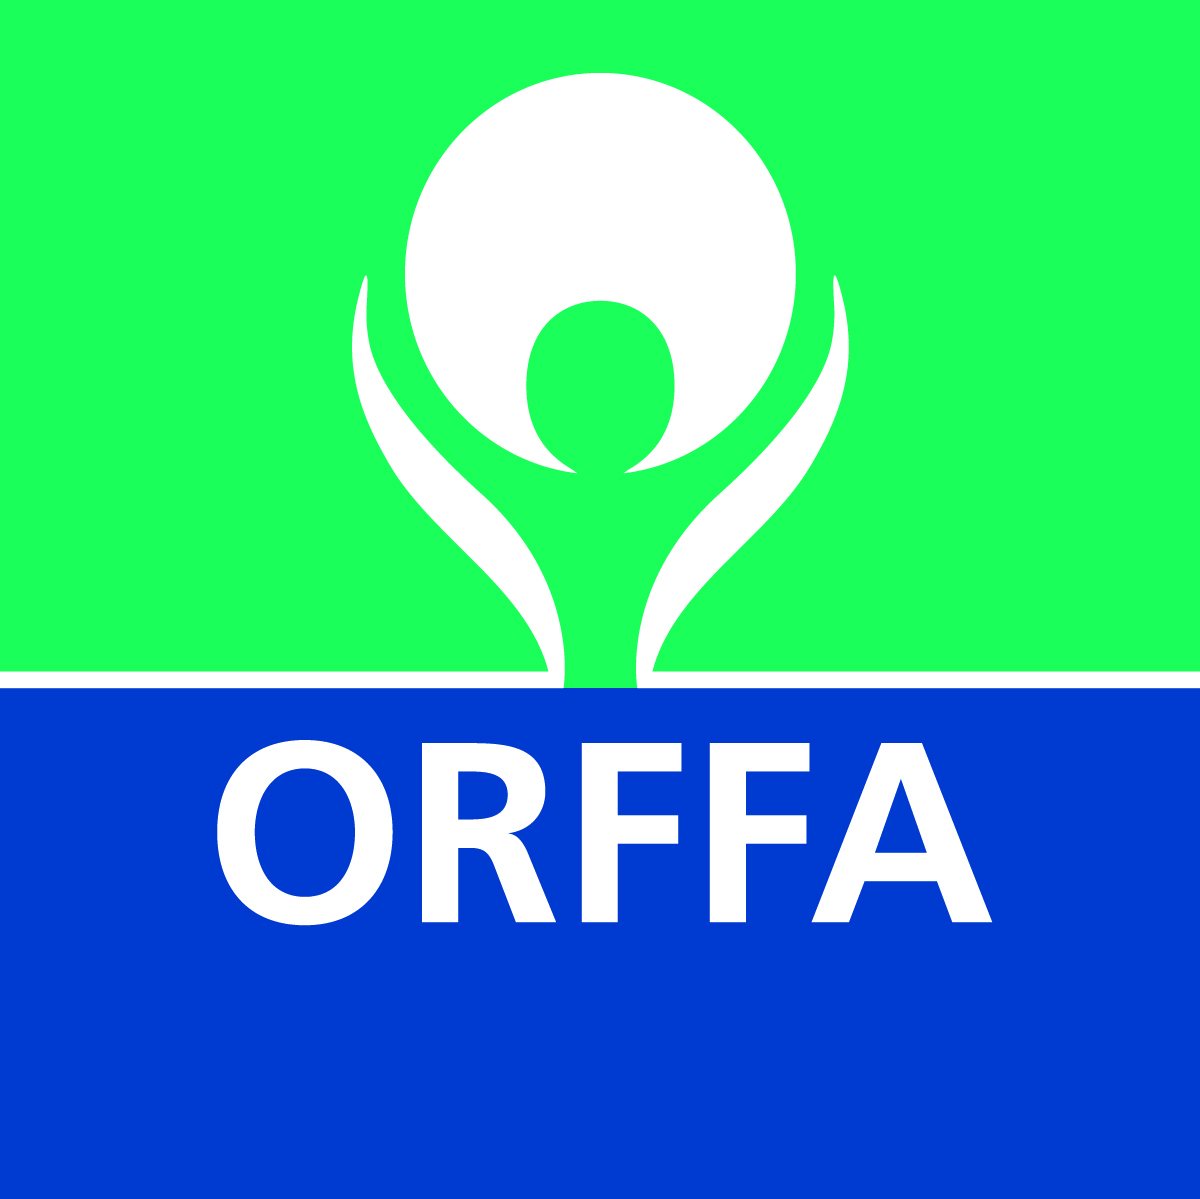 Orffa